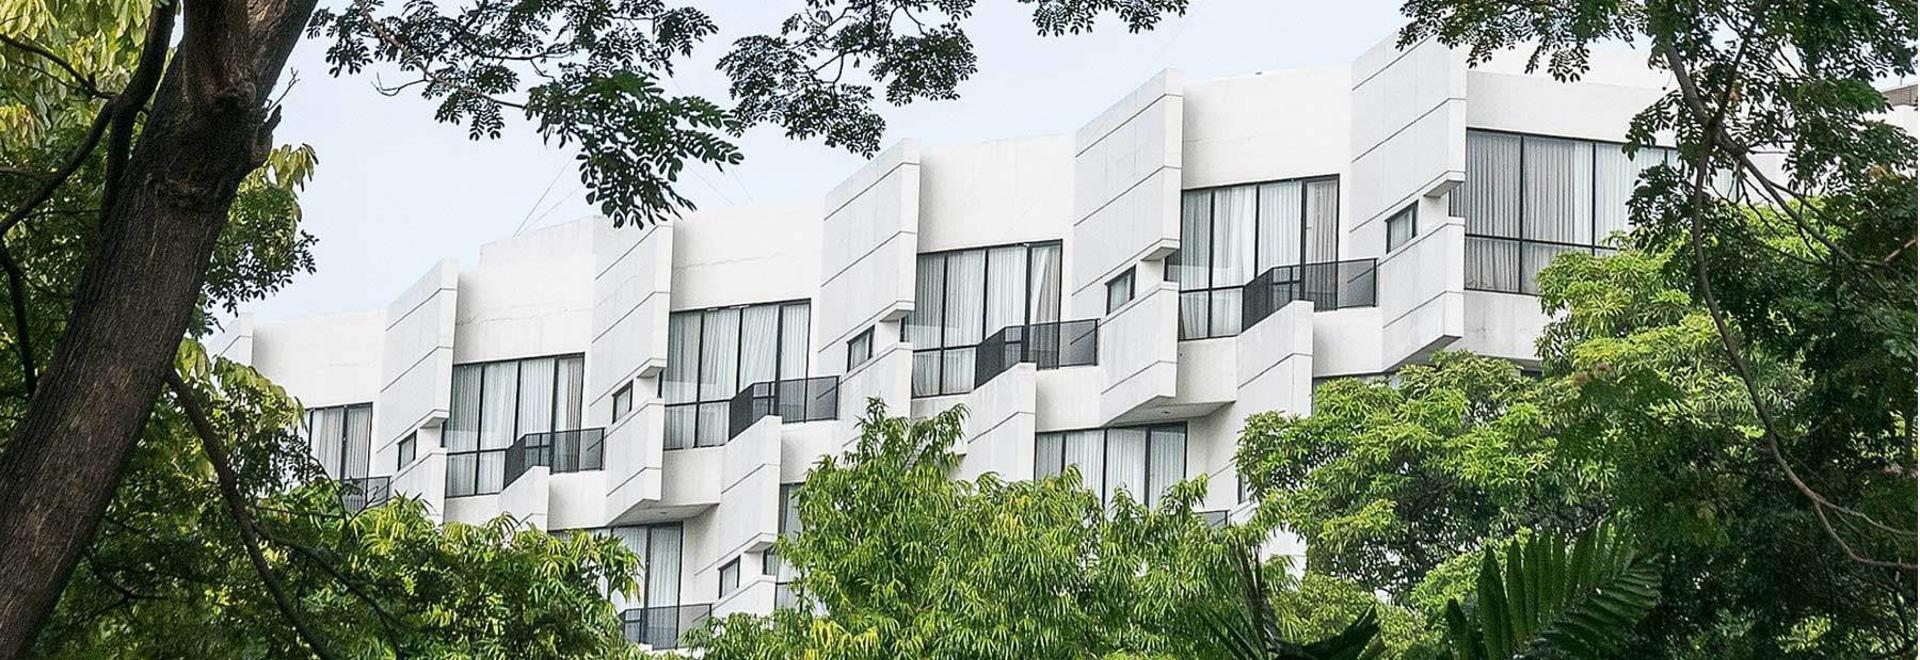 La arquitectura CRUDA diseña un hotel concreto wickering del rivoli en la Jakarta del este apretada